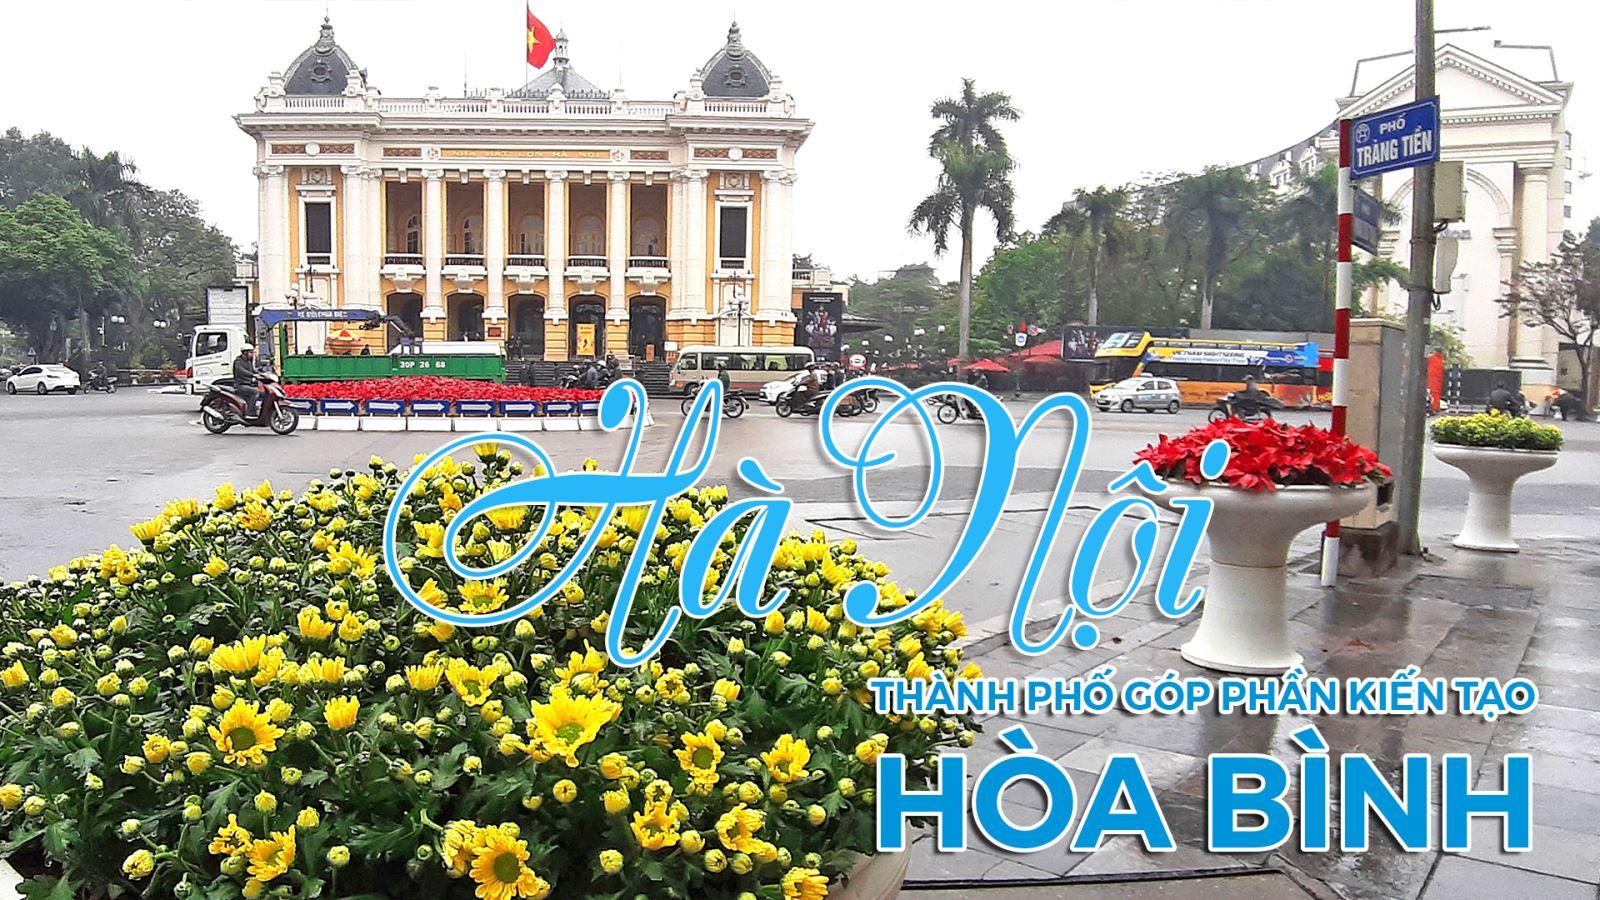 Hà Nội - Thành phố Vì hòa bình, 20 năm hội nhập, phát triển và kiến tạo Hòa bình! - Ảnh 3